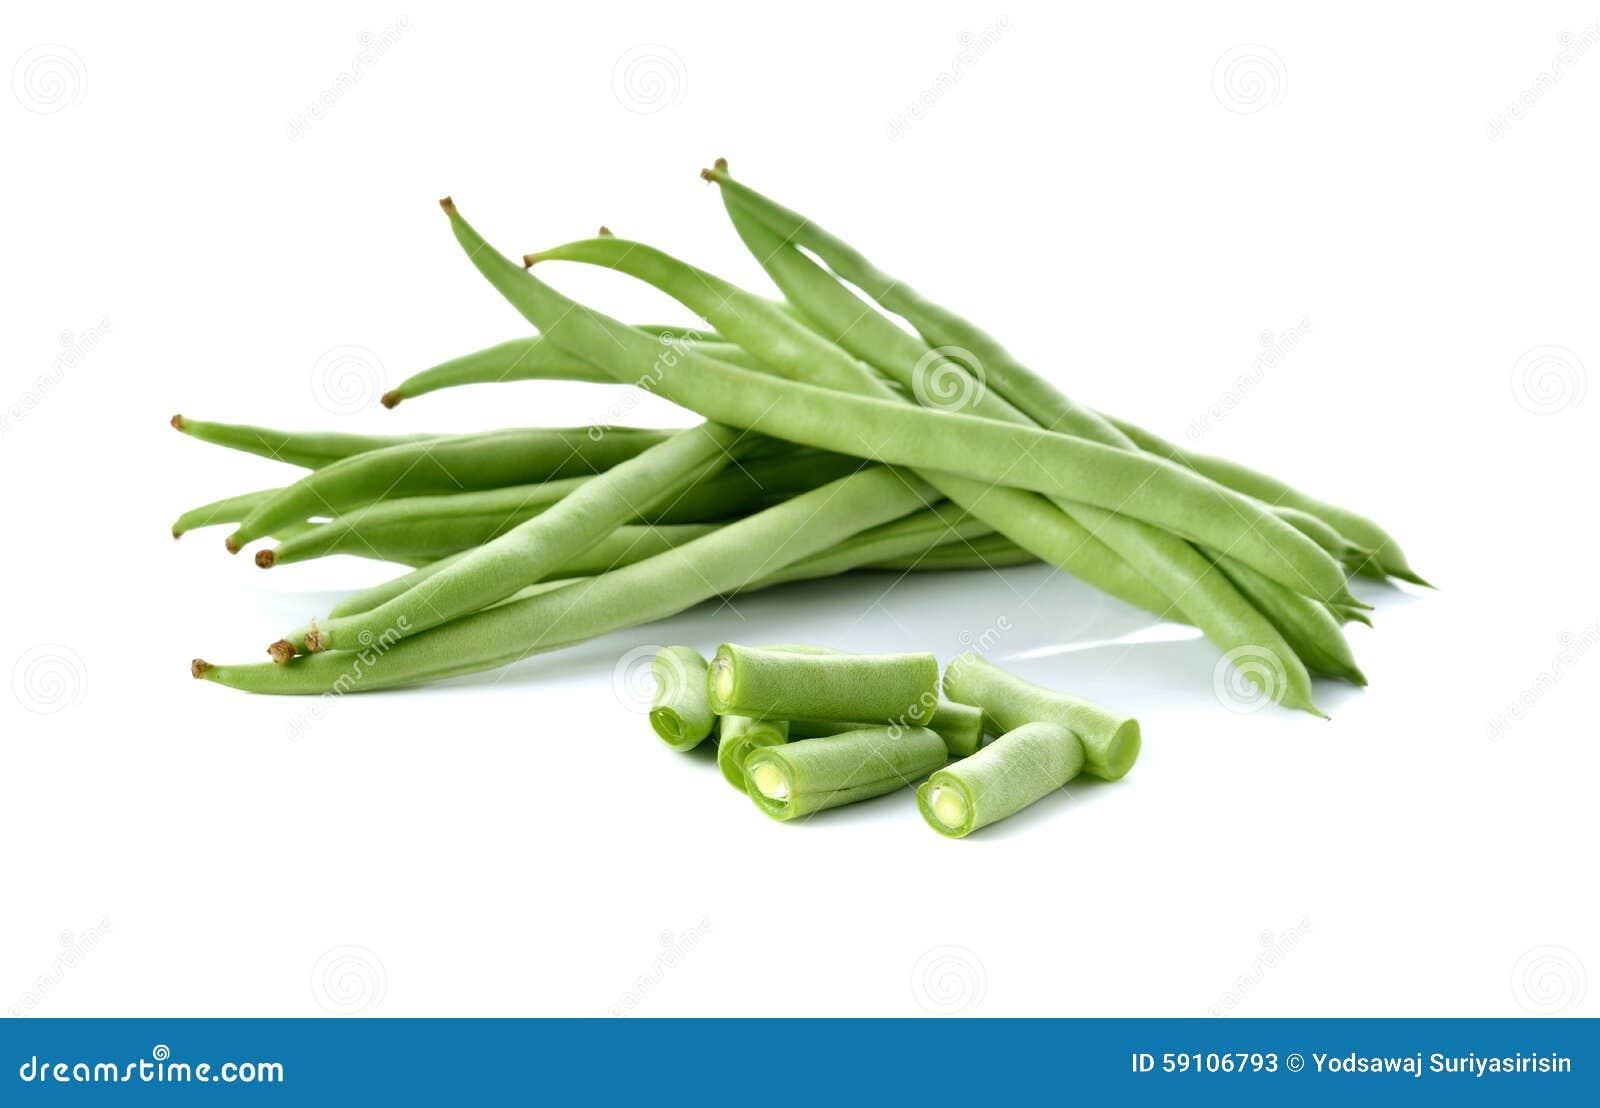 扁豆堆在白色的